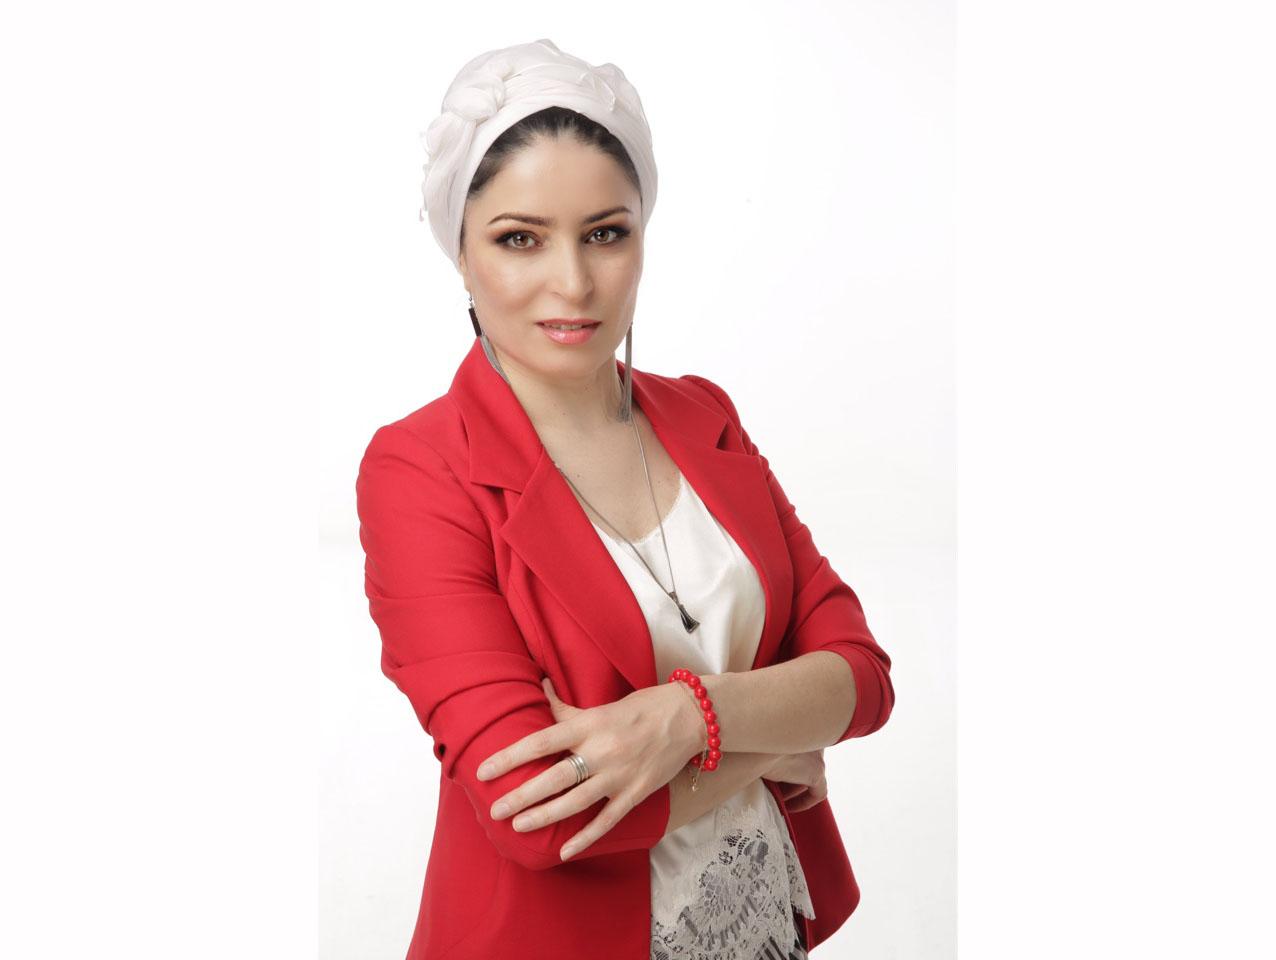 Работа девушке моделью дагестанские огни работать с девушкой на одной работе